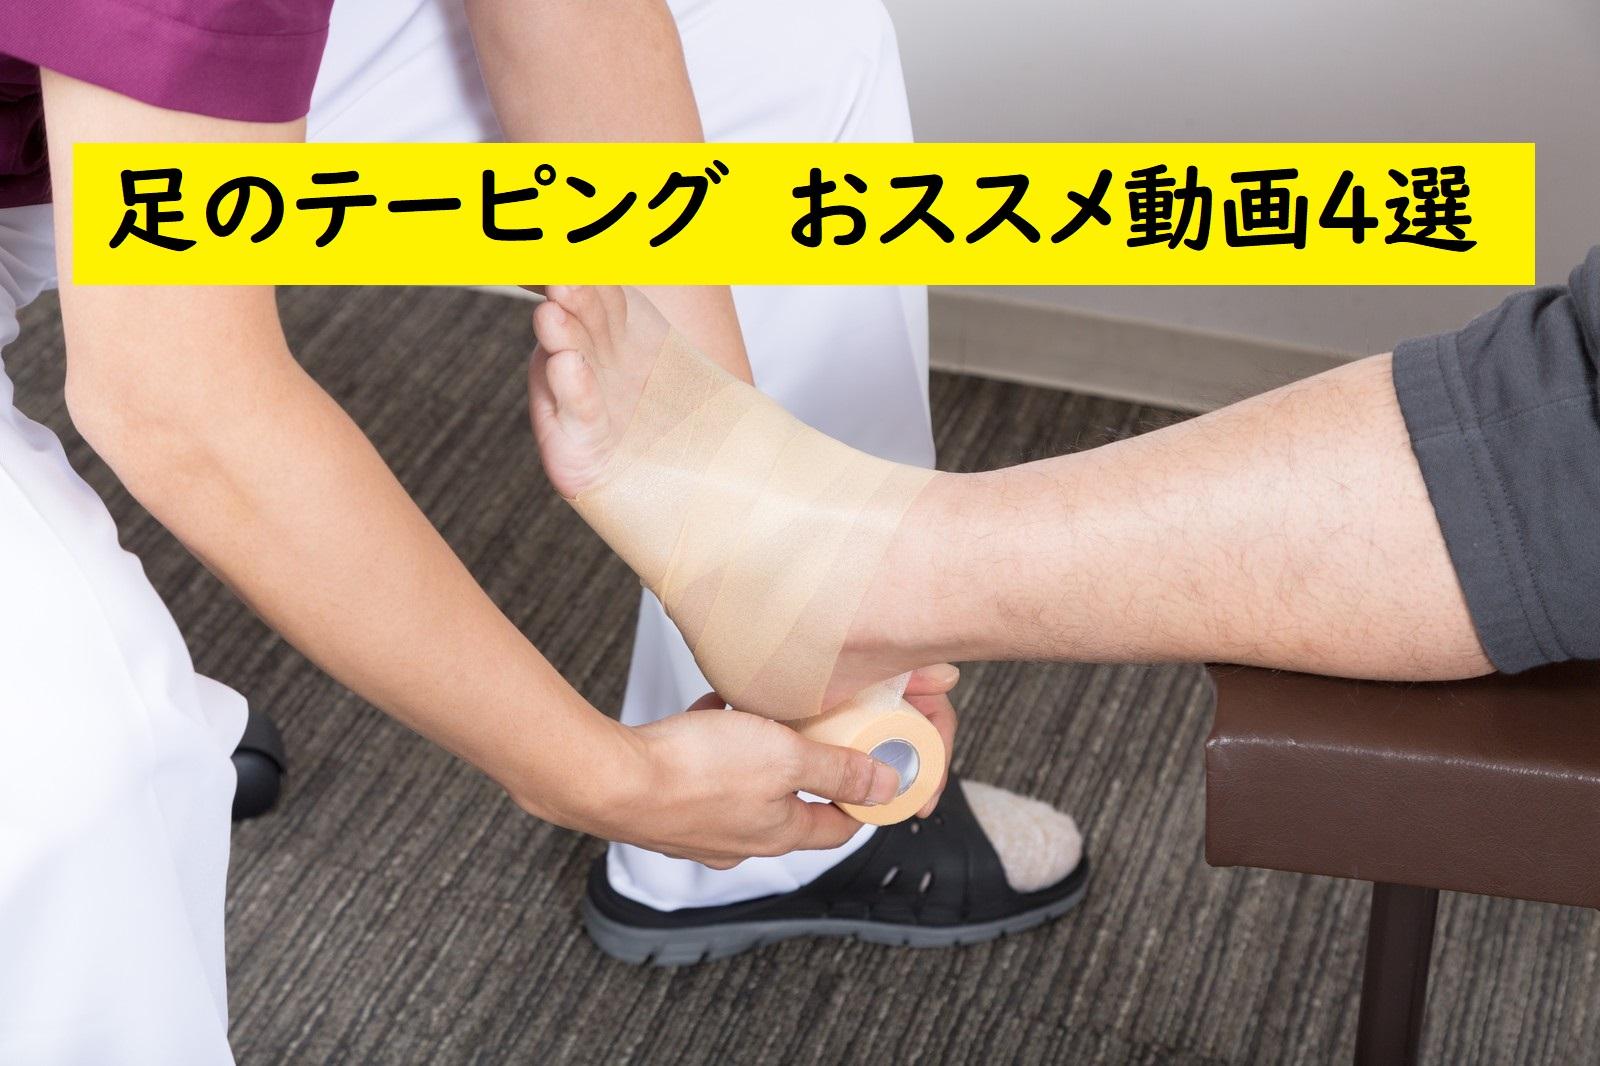 足のテーピングの画像